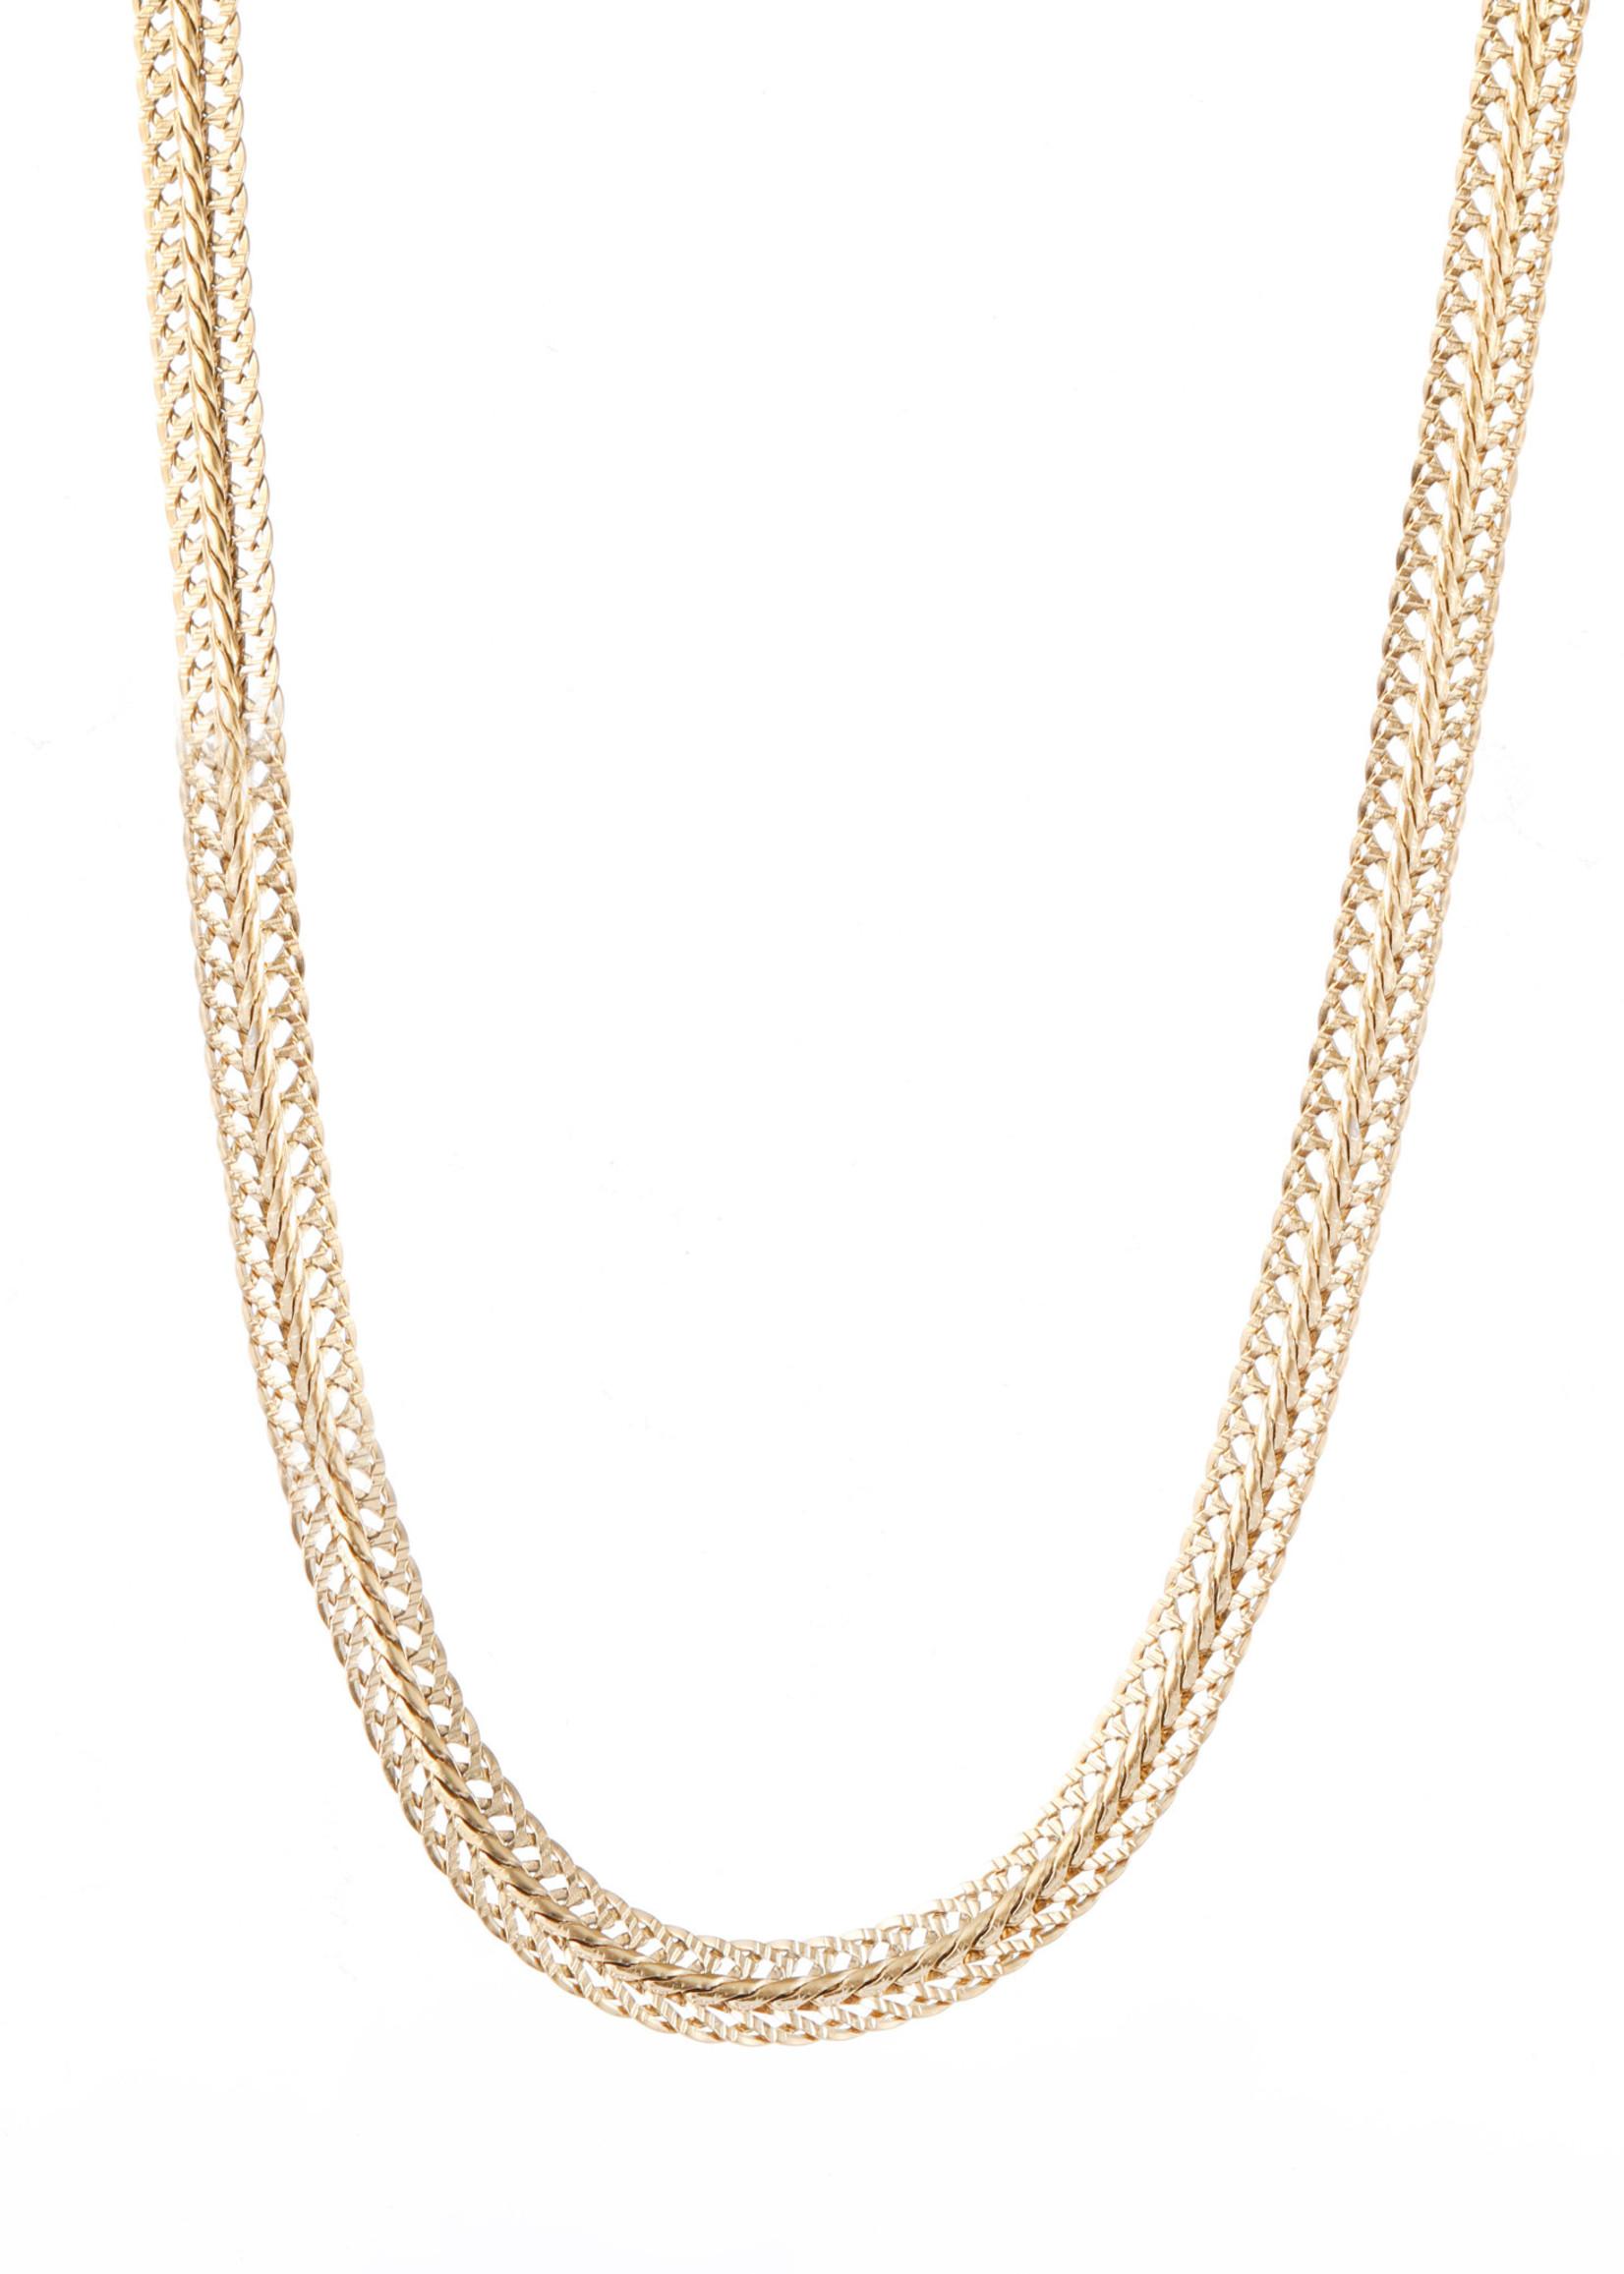 Ketting goud breed N1859-2